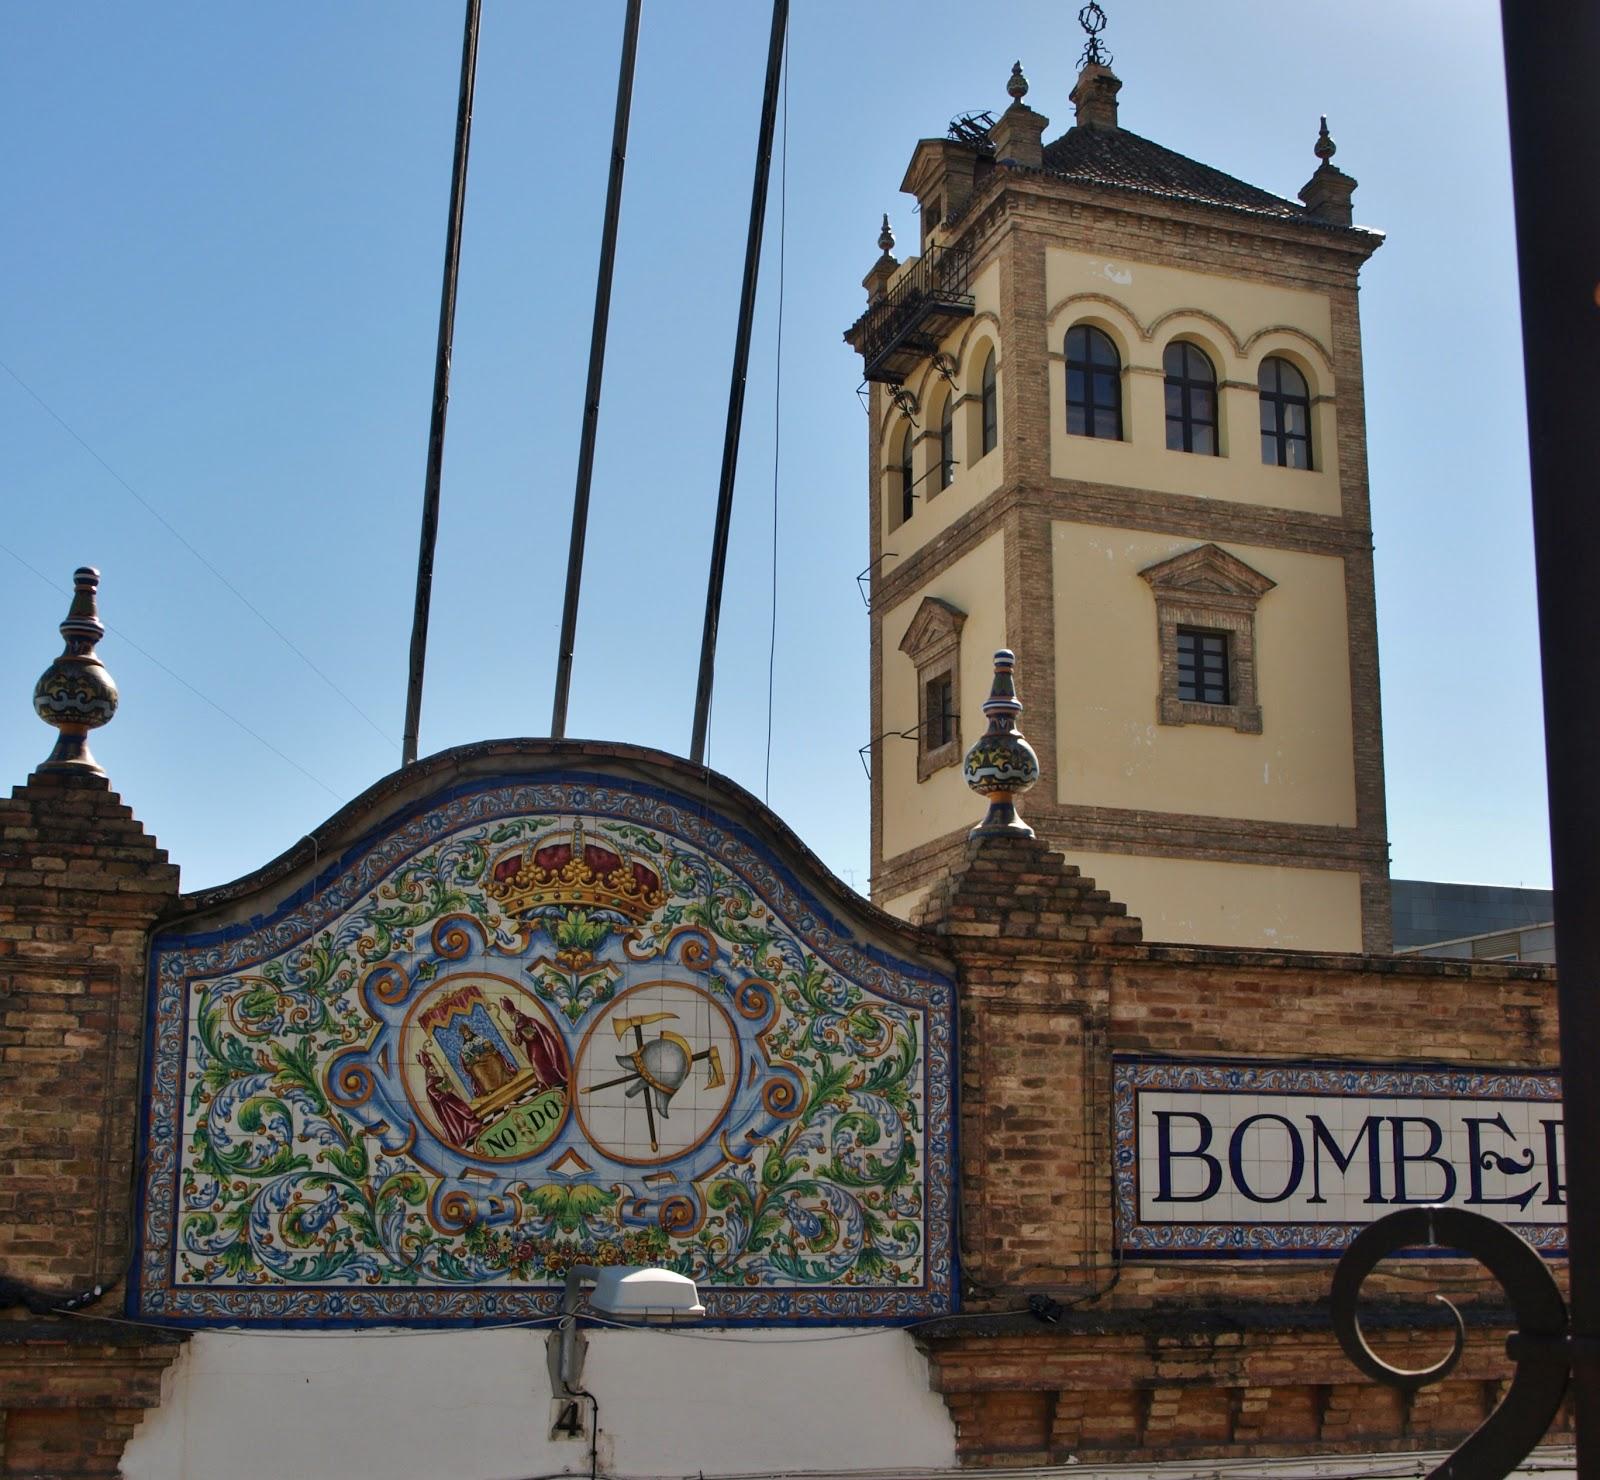 Sevilla Daily Photo Los Azulejos Del Parque De Bomberos